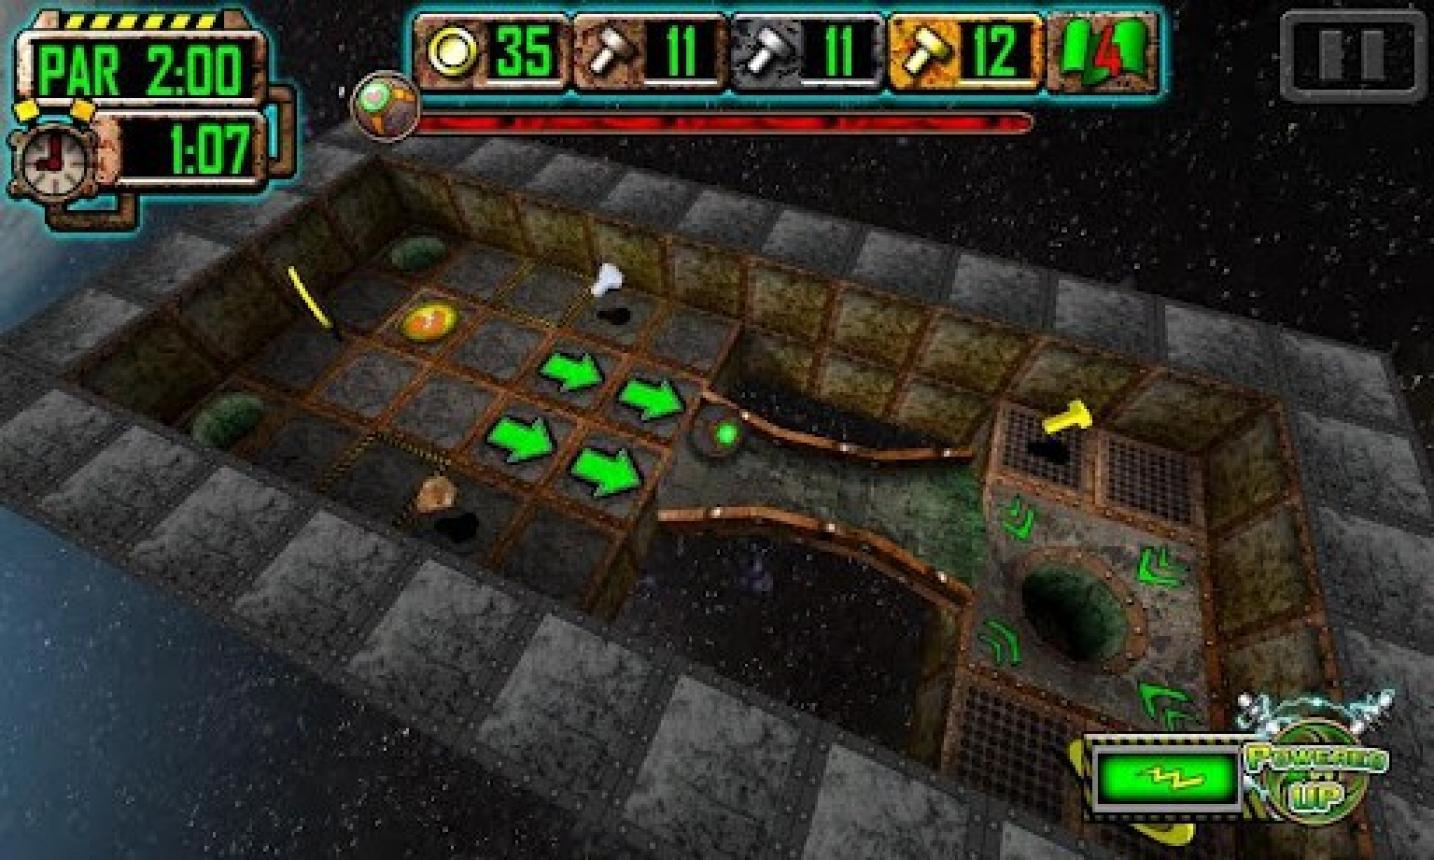 3d滚球游戏_滚球游戏 英文版 图片预览